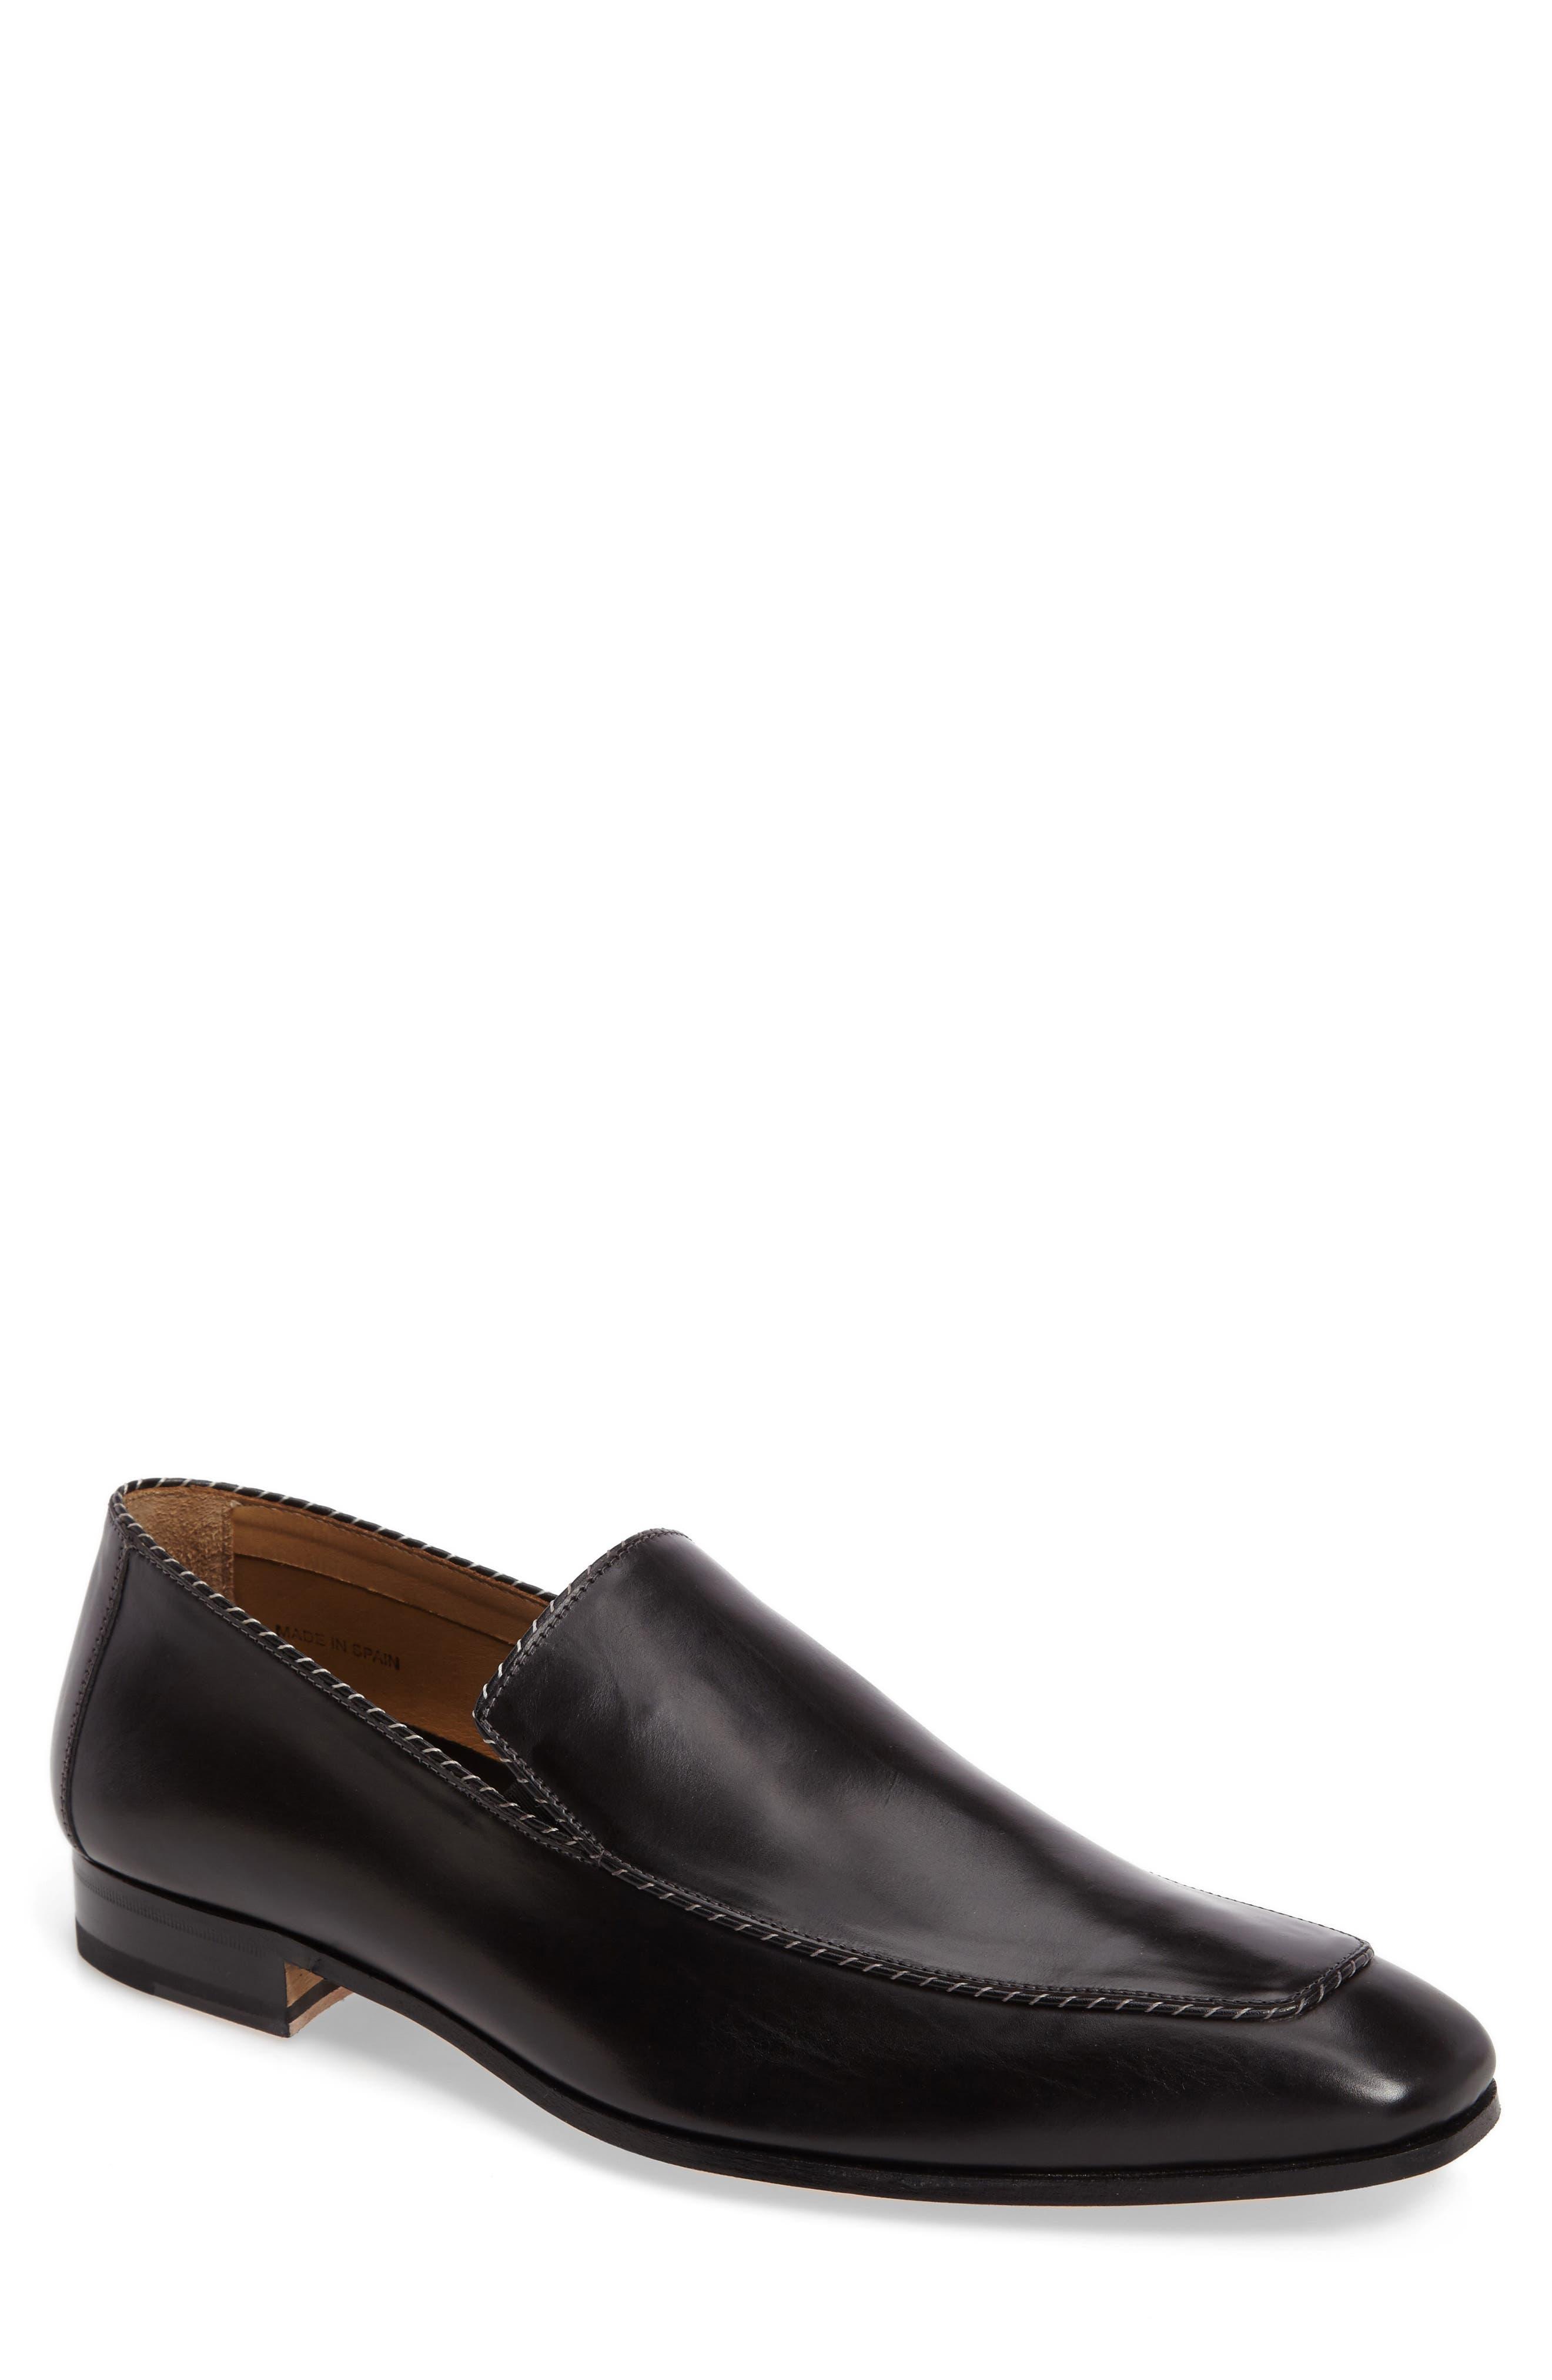 Brandt Venetian Loafer,                         Main,                         color, Black Leather